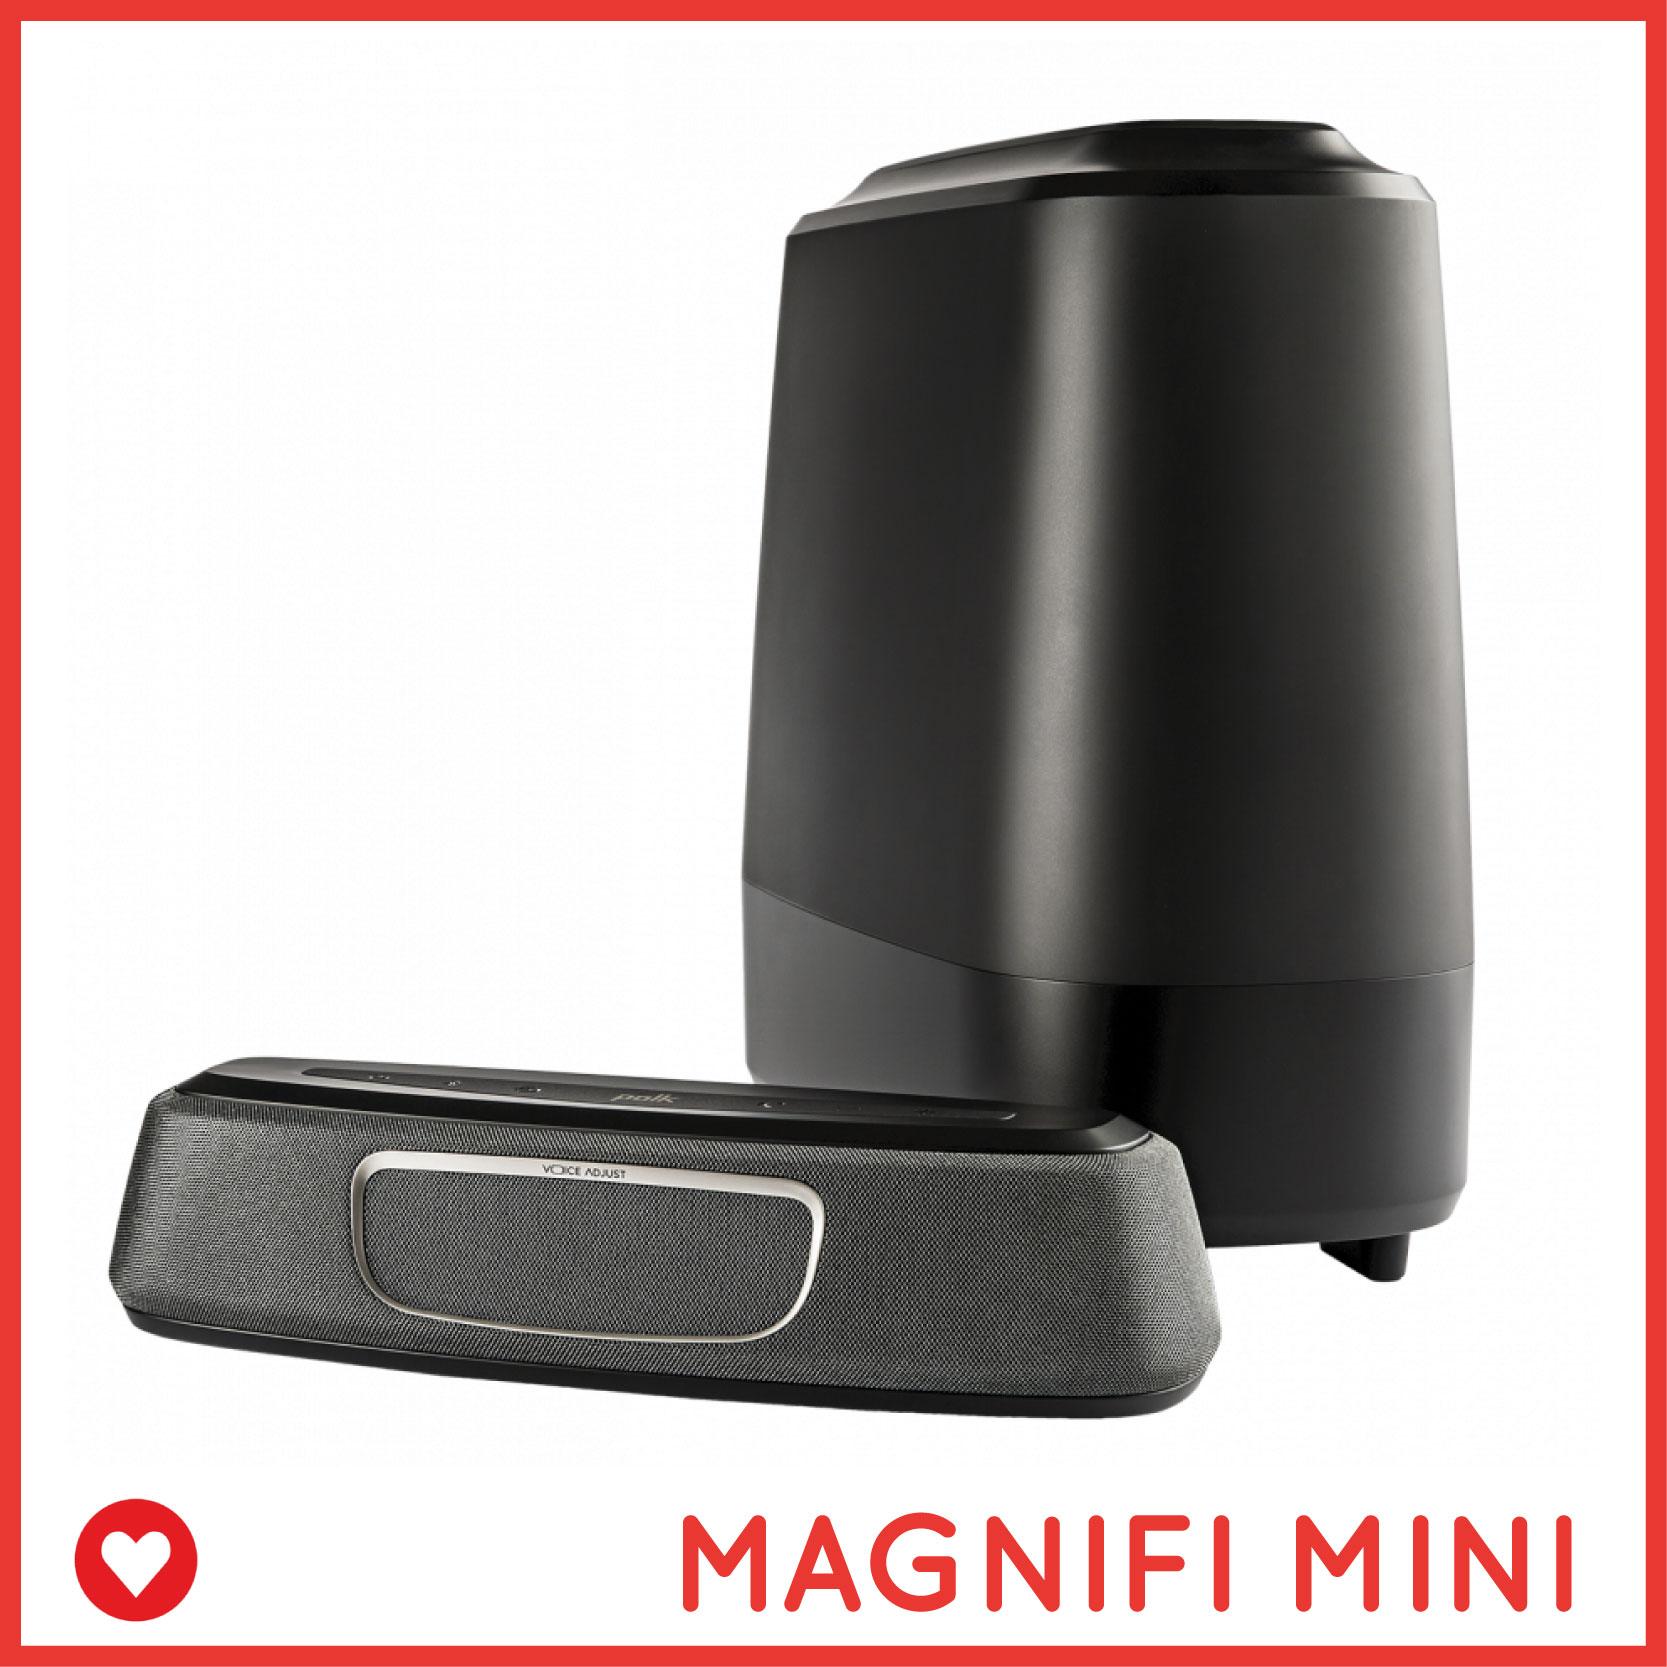 Polk Audio Magnifi Mini Đông Thành - Hòa Phúc-03.jpg